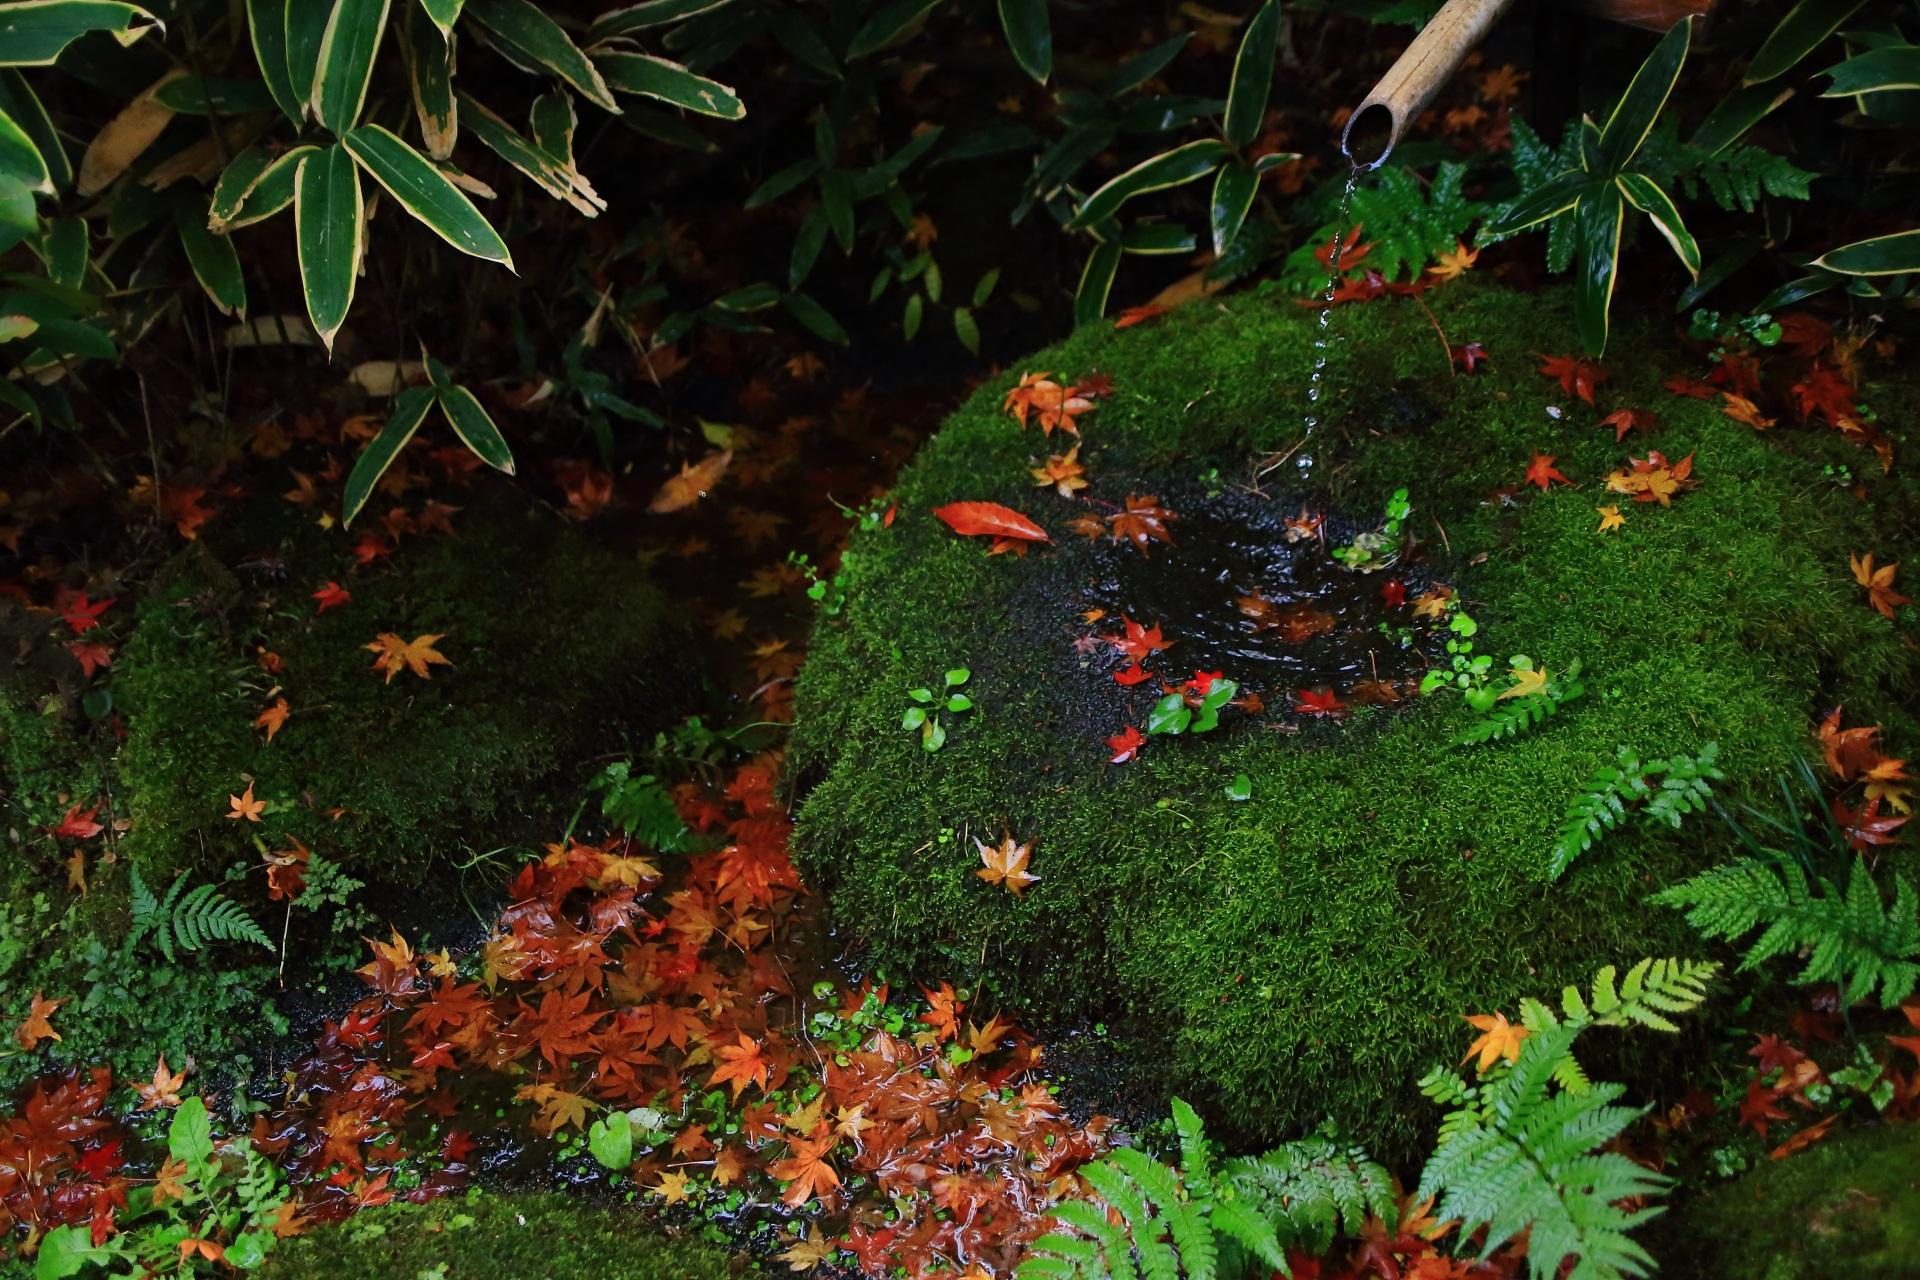 含翠庭の苔に覆われた緑の蹲と華やかな散りもみじ